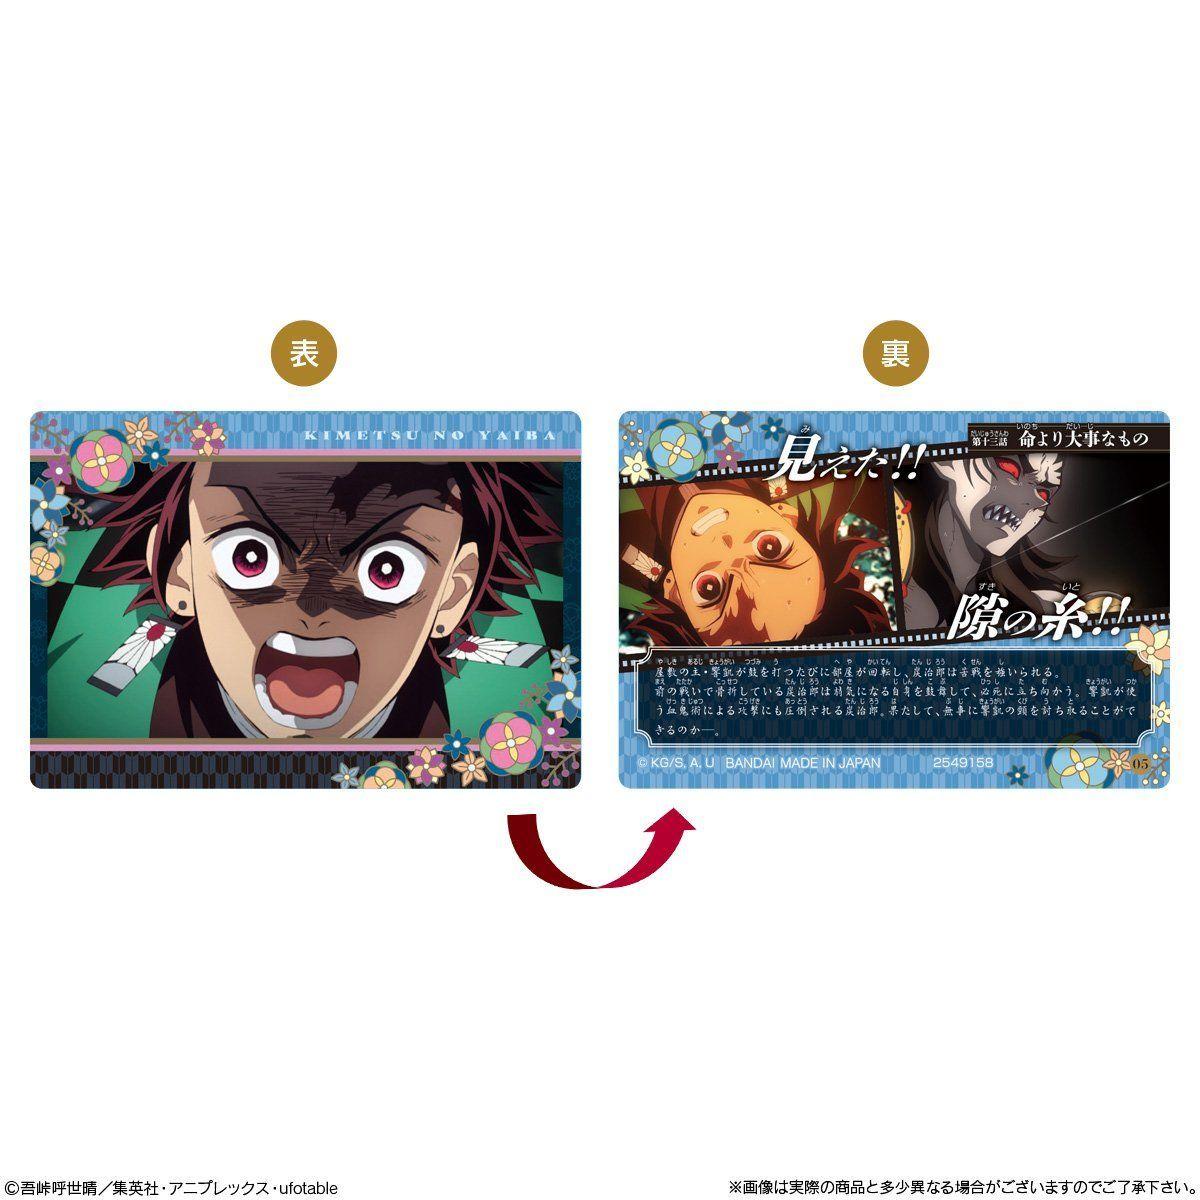 【食玩】鬼滅の刃『名場面回顧カードチョコスナック2』10個入りBOX-002